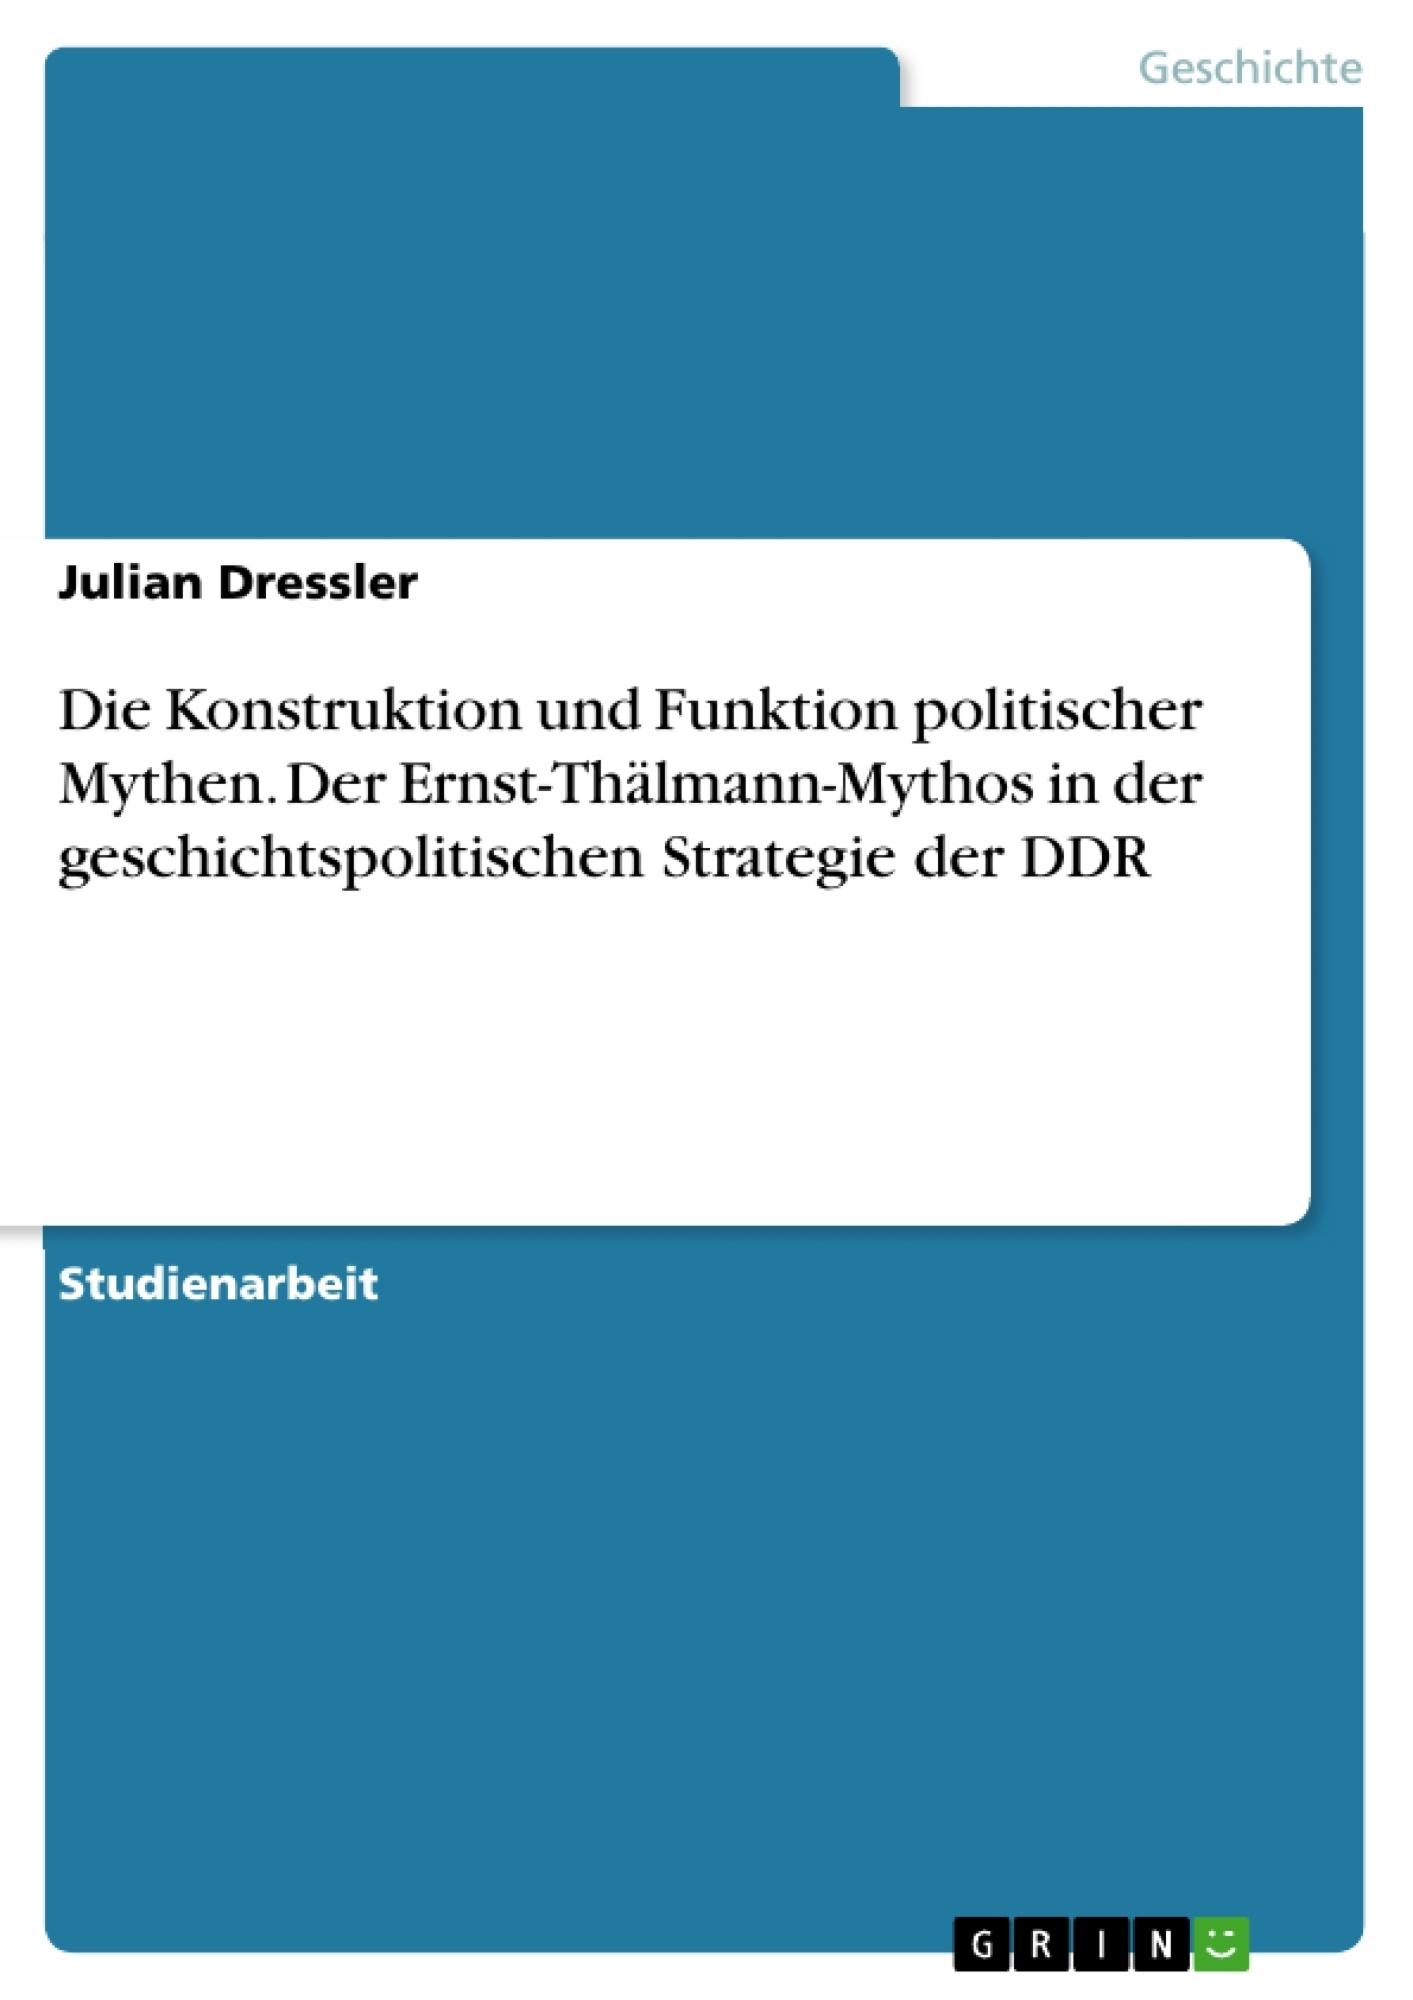 Titel: Die Konstruktion und Funktion politischer Mythen. Der Ernst-Thälmann-Mythos in der geschichtspolitischen Strategie der DDR